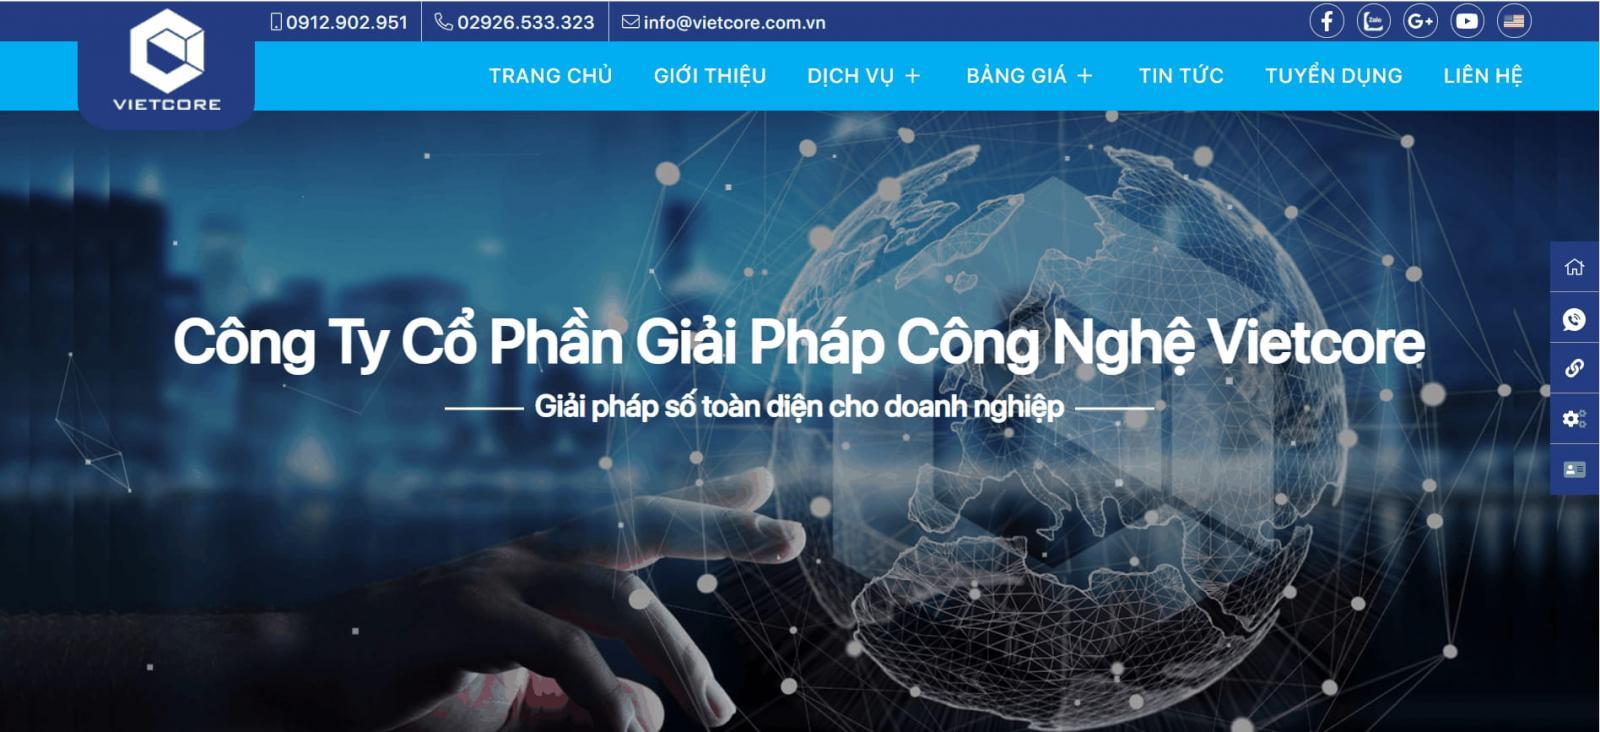 Công ty Thiết kế Web Tại Cần Thơ - Cổ Phần Giải Pháp Công Nghệ Vietcore